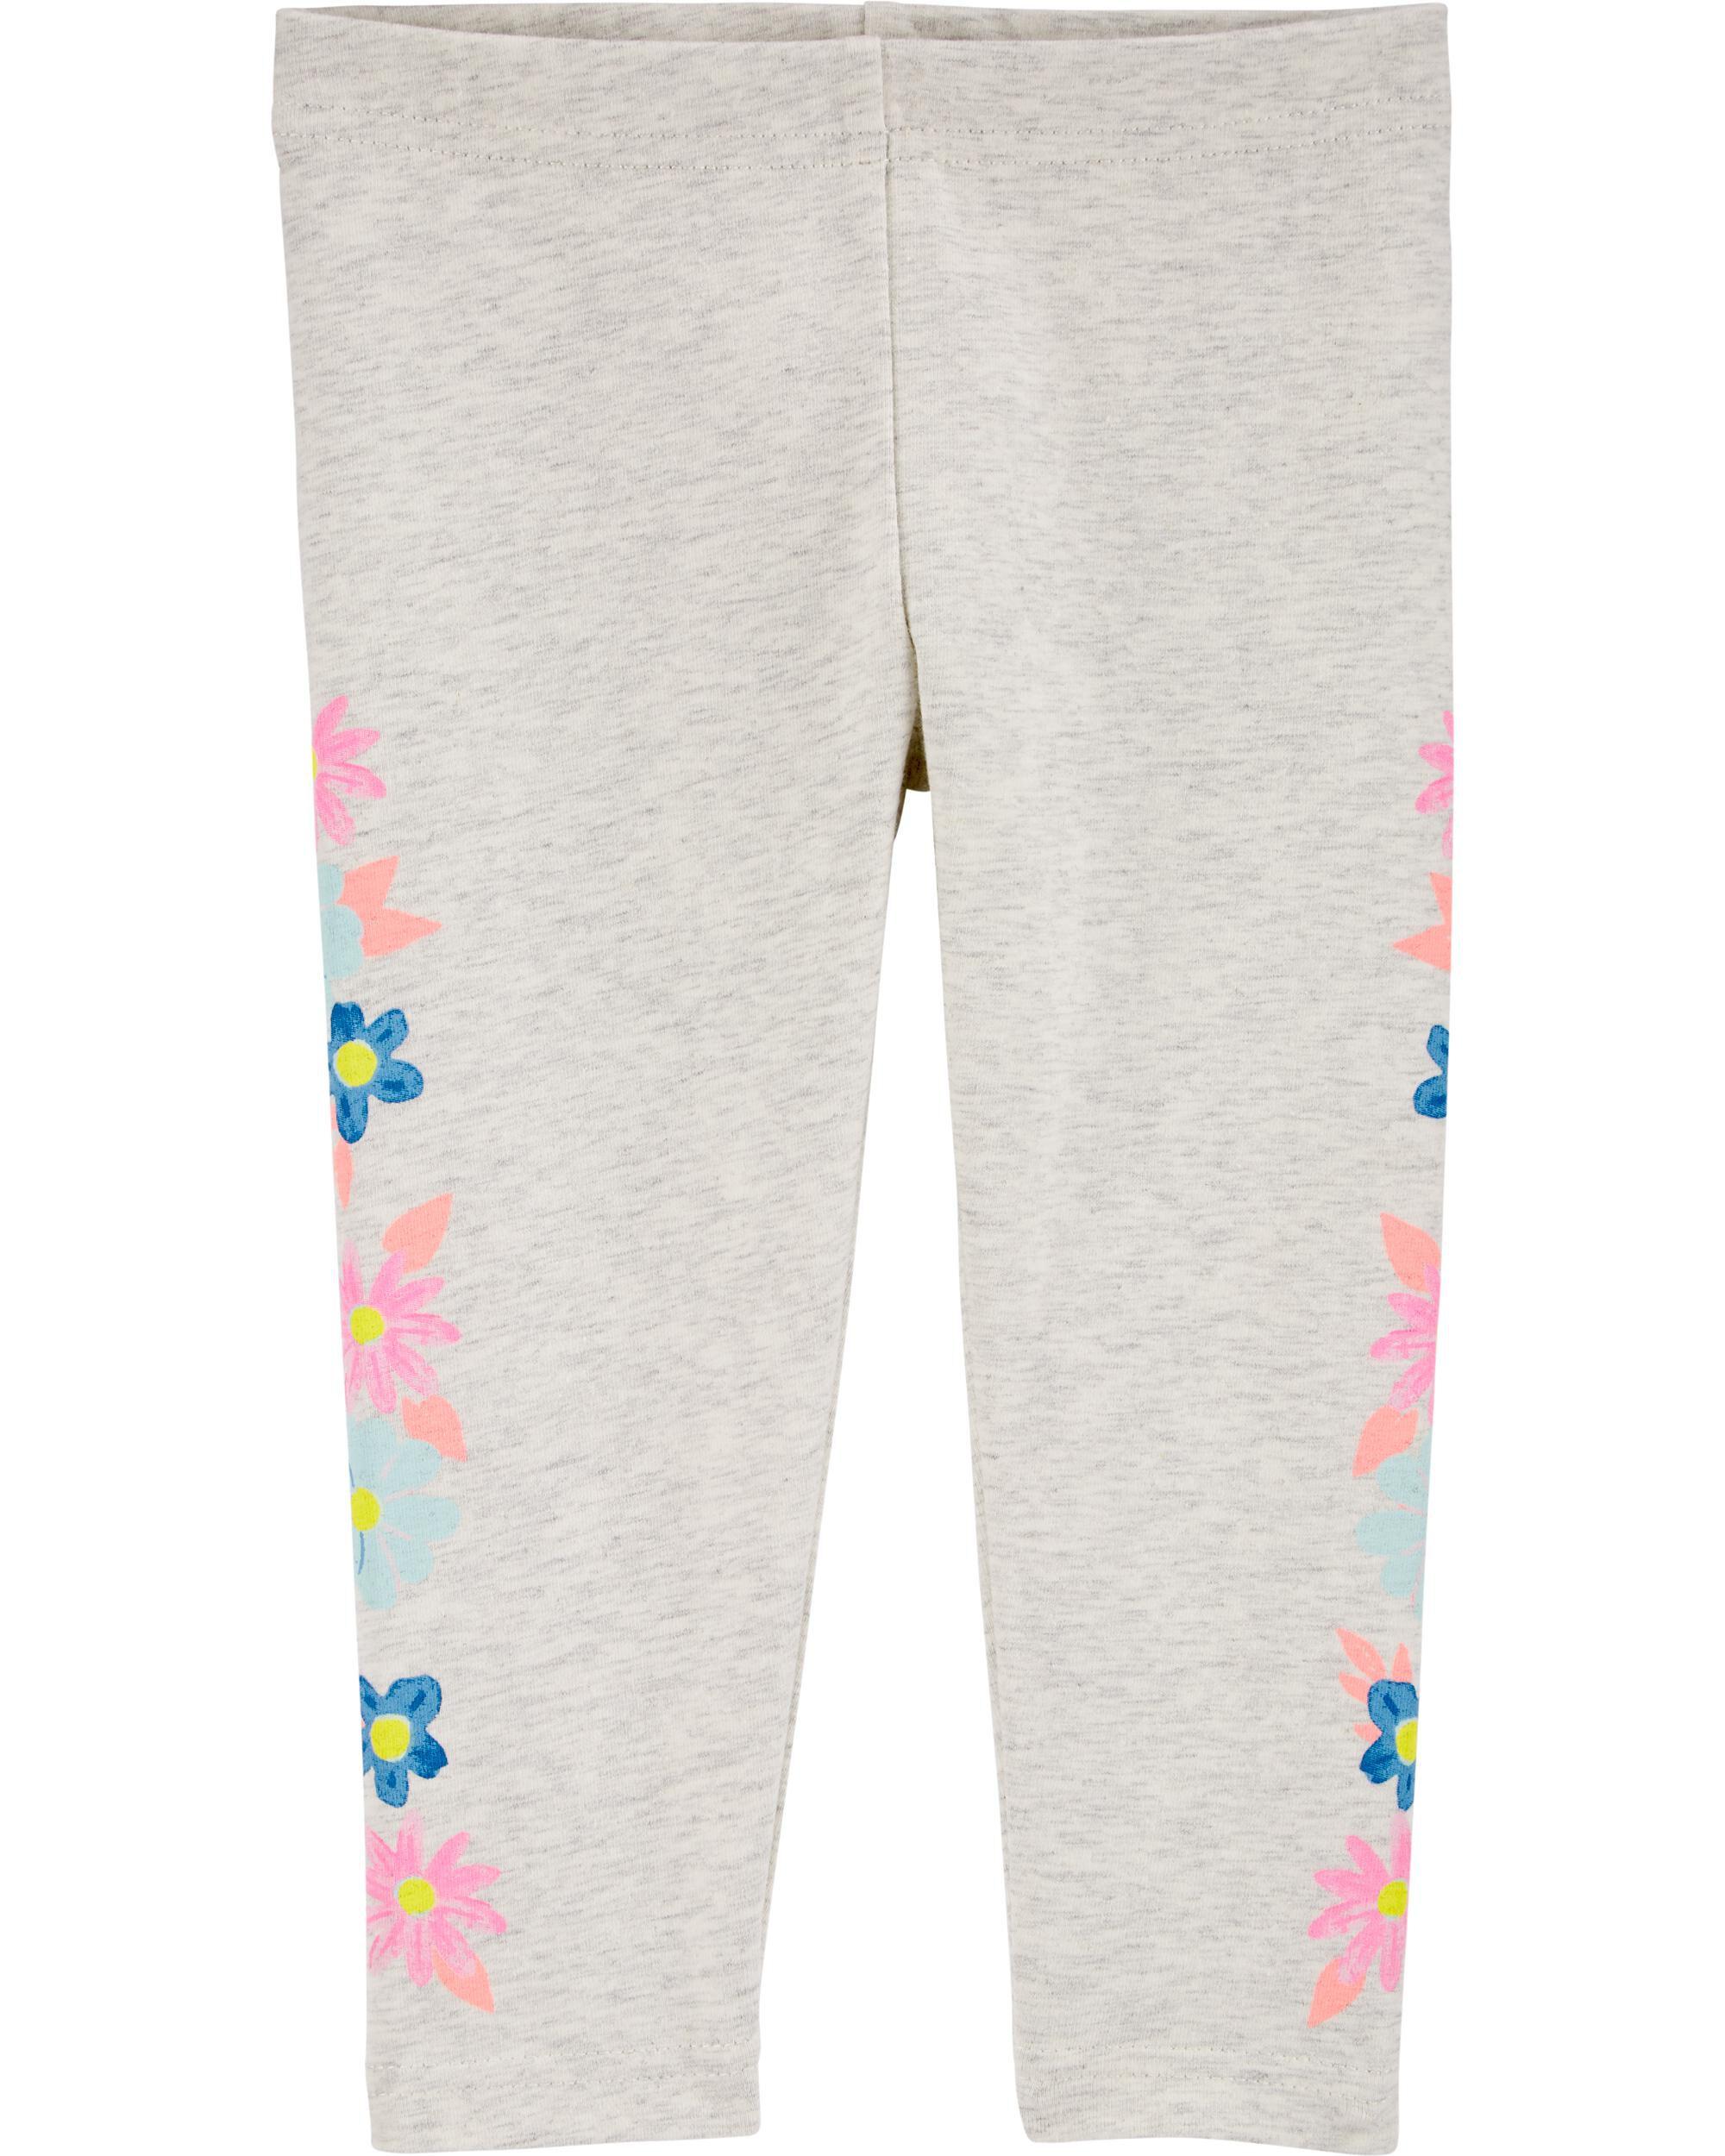 *CLEARANCE* Floral Capri Leggings